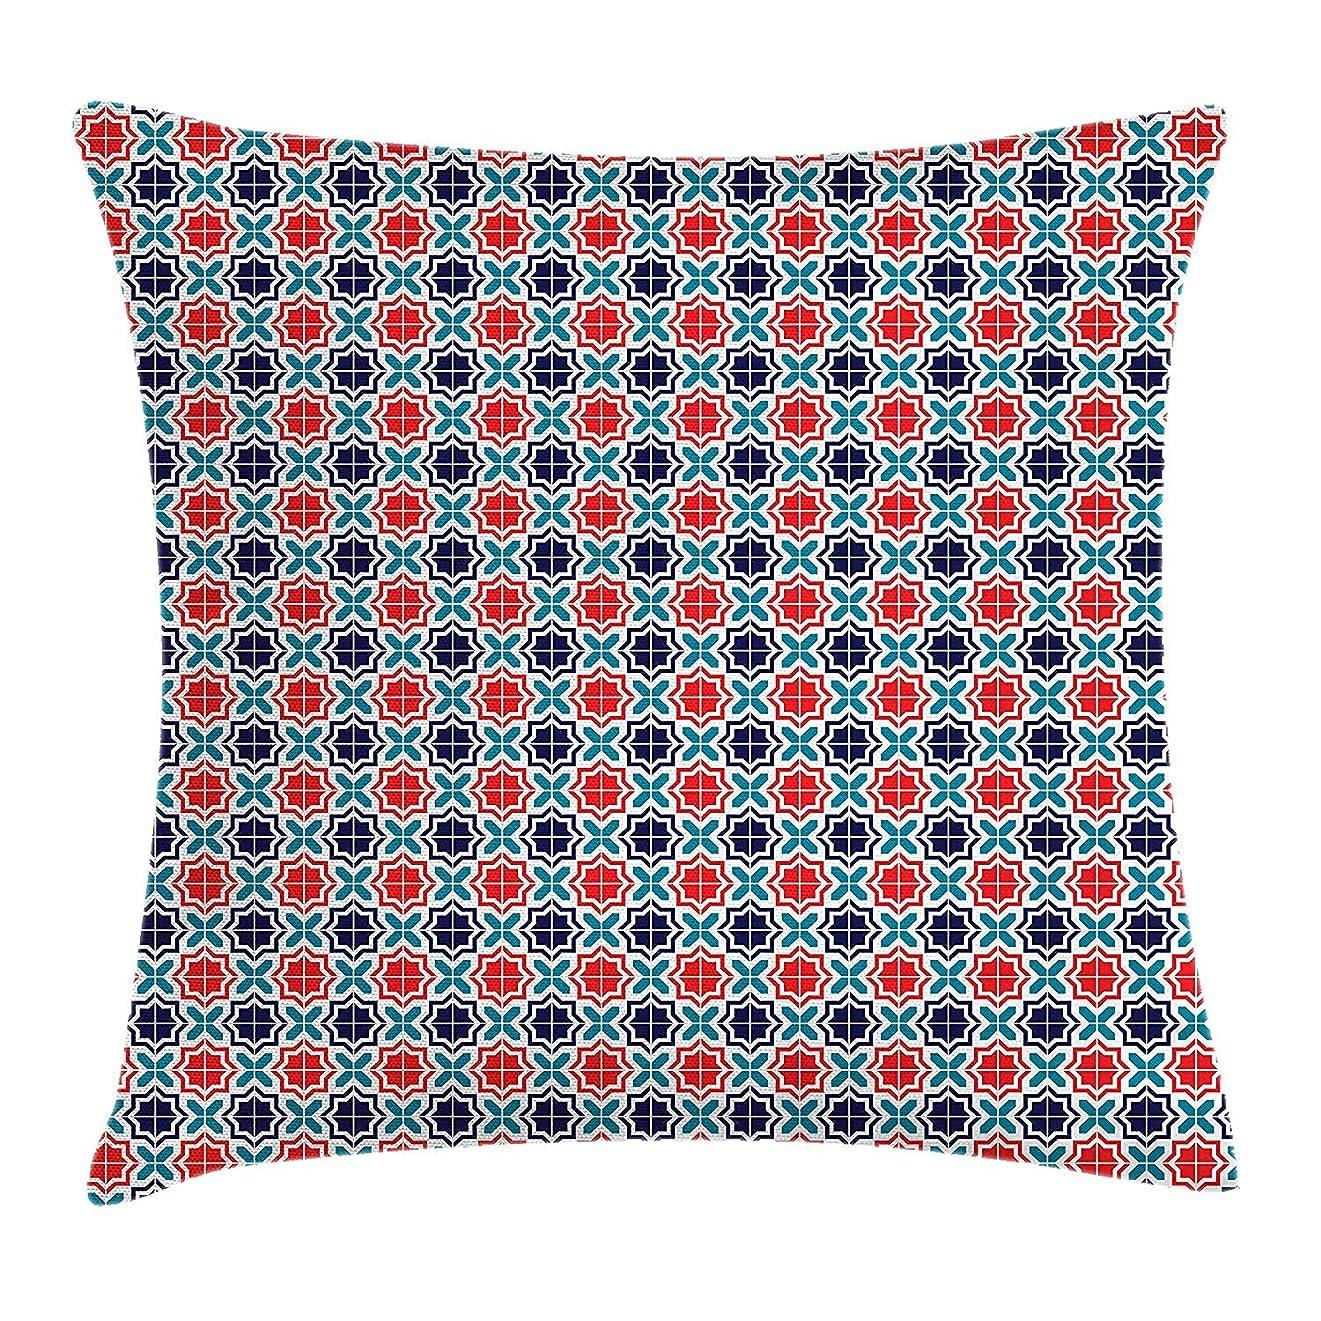 メディック連隊会社Moroccan Throw Pillow Cushion Cover, Vibrant Geometric Mosaic of Ancient Arabian Tiles with Star Motifs, Decorative Square Accent Pillow Case, 18 X 18 inches, Scarlet Teal and Navy Blue